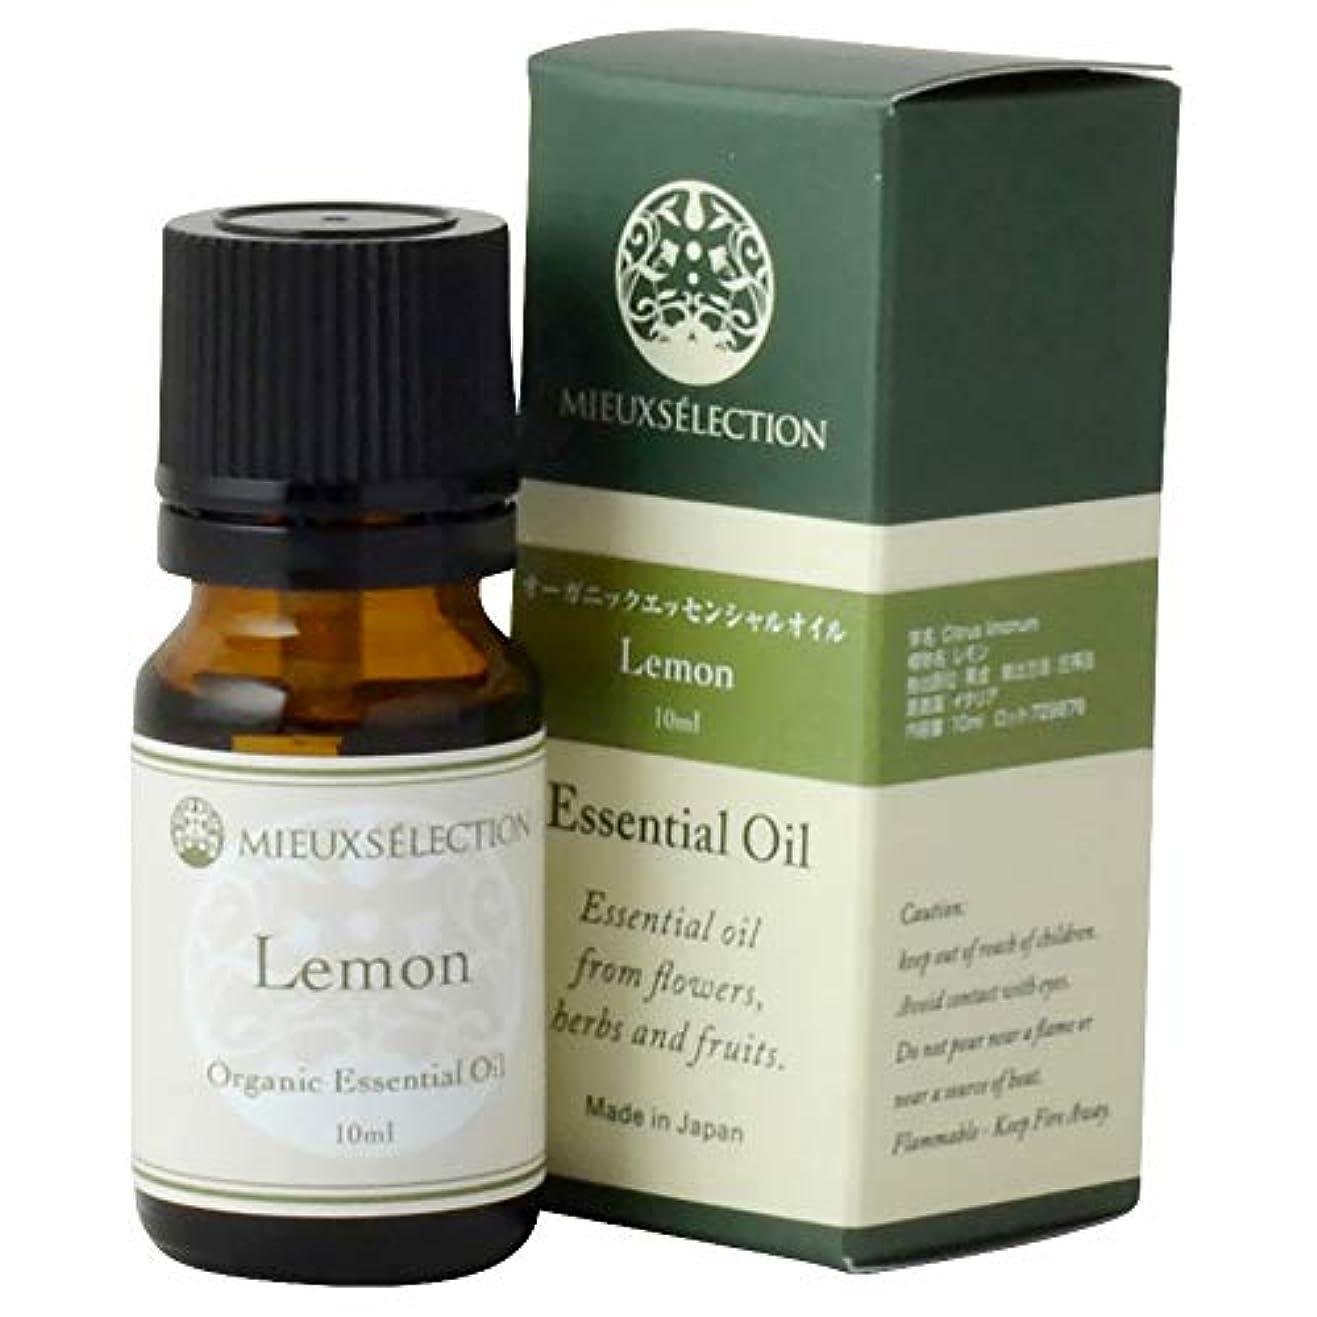 風邪をひくと組む意志に反するエッセンシャルオイル  レモン(オーガニック) 10ml